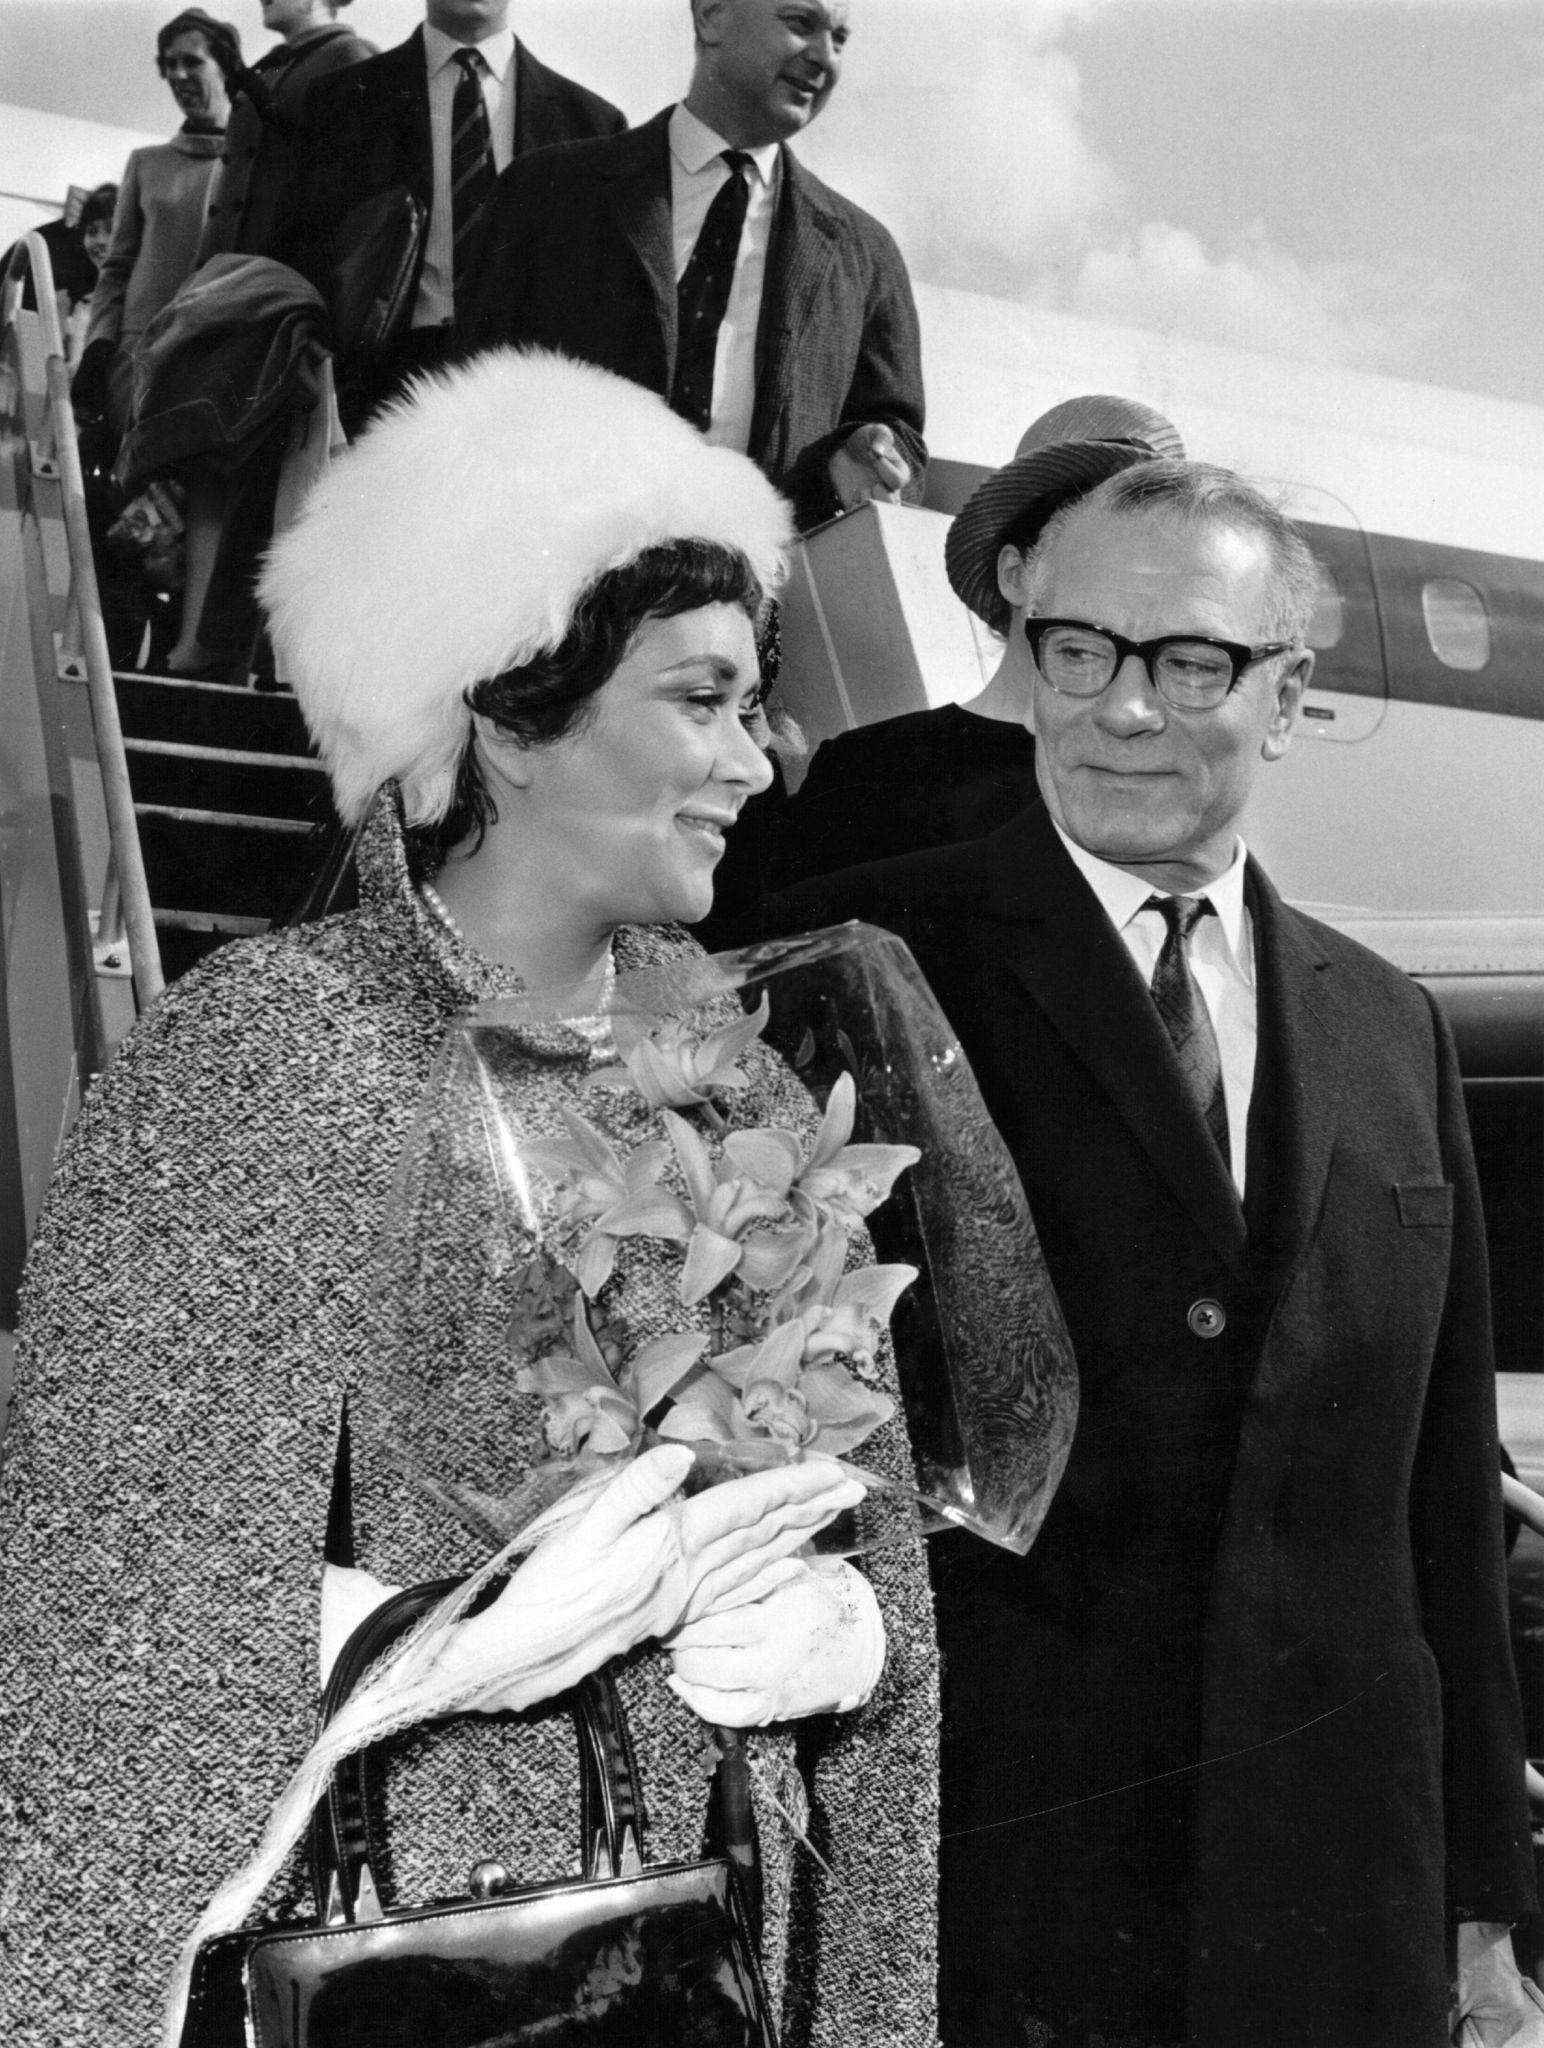 1965. Британский актер и режиссер Лоуренс Оливье и его жена, актриса Джоан Плурайт, приехали в Москву на экскурсию. 29 сентября.jpg